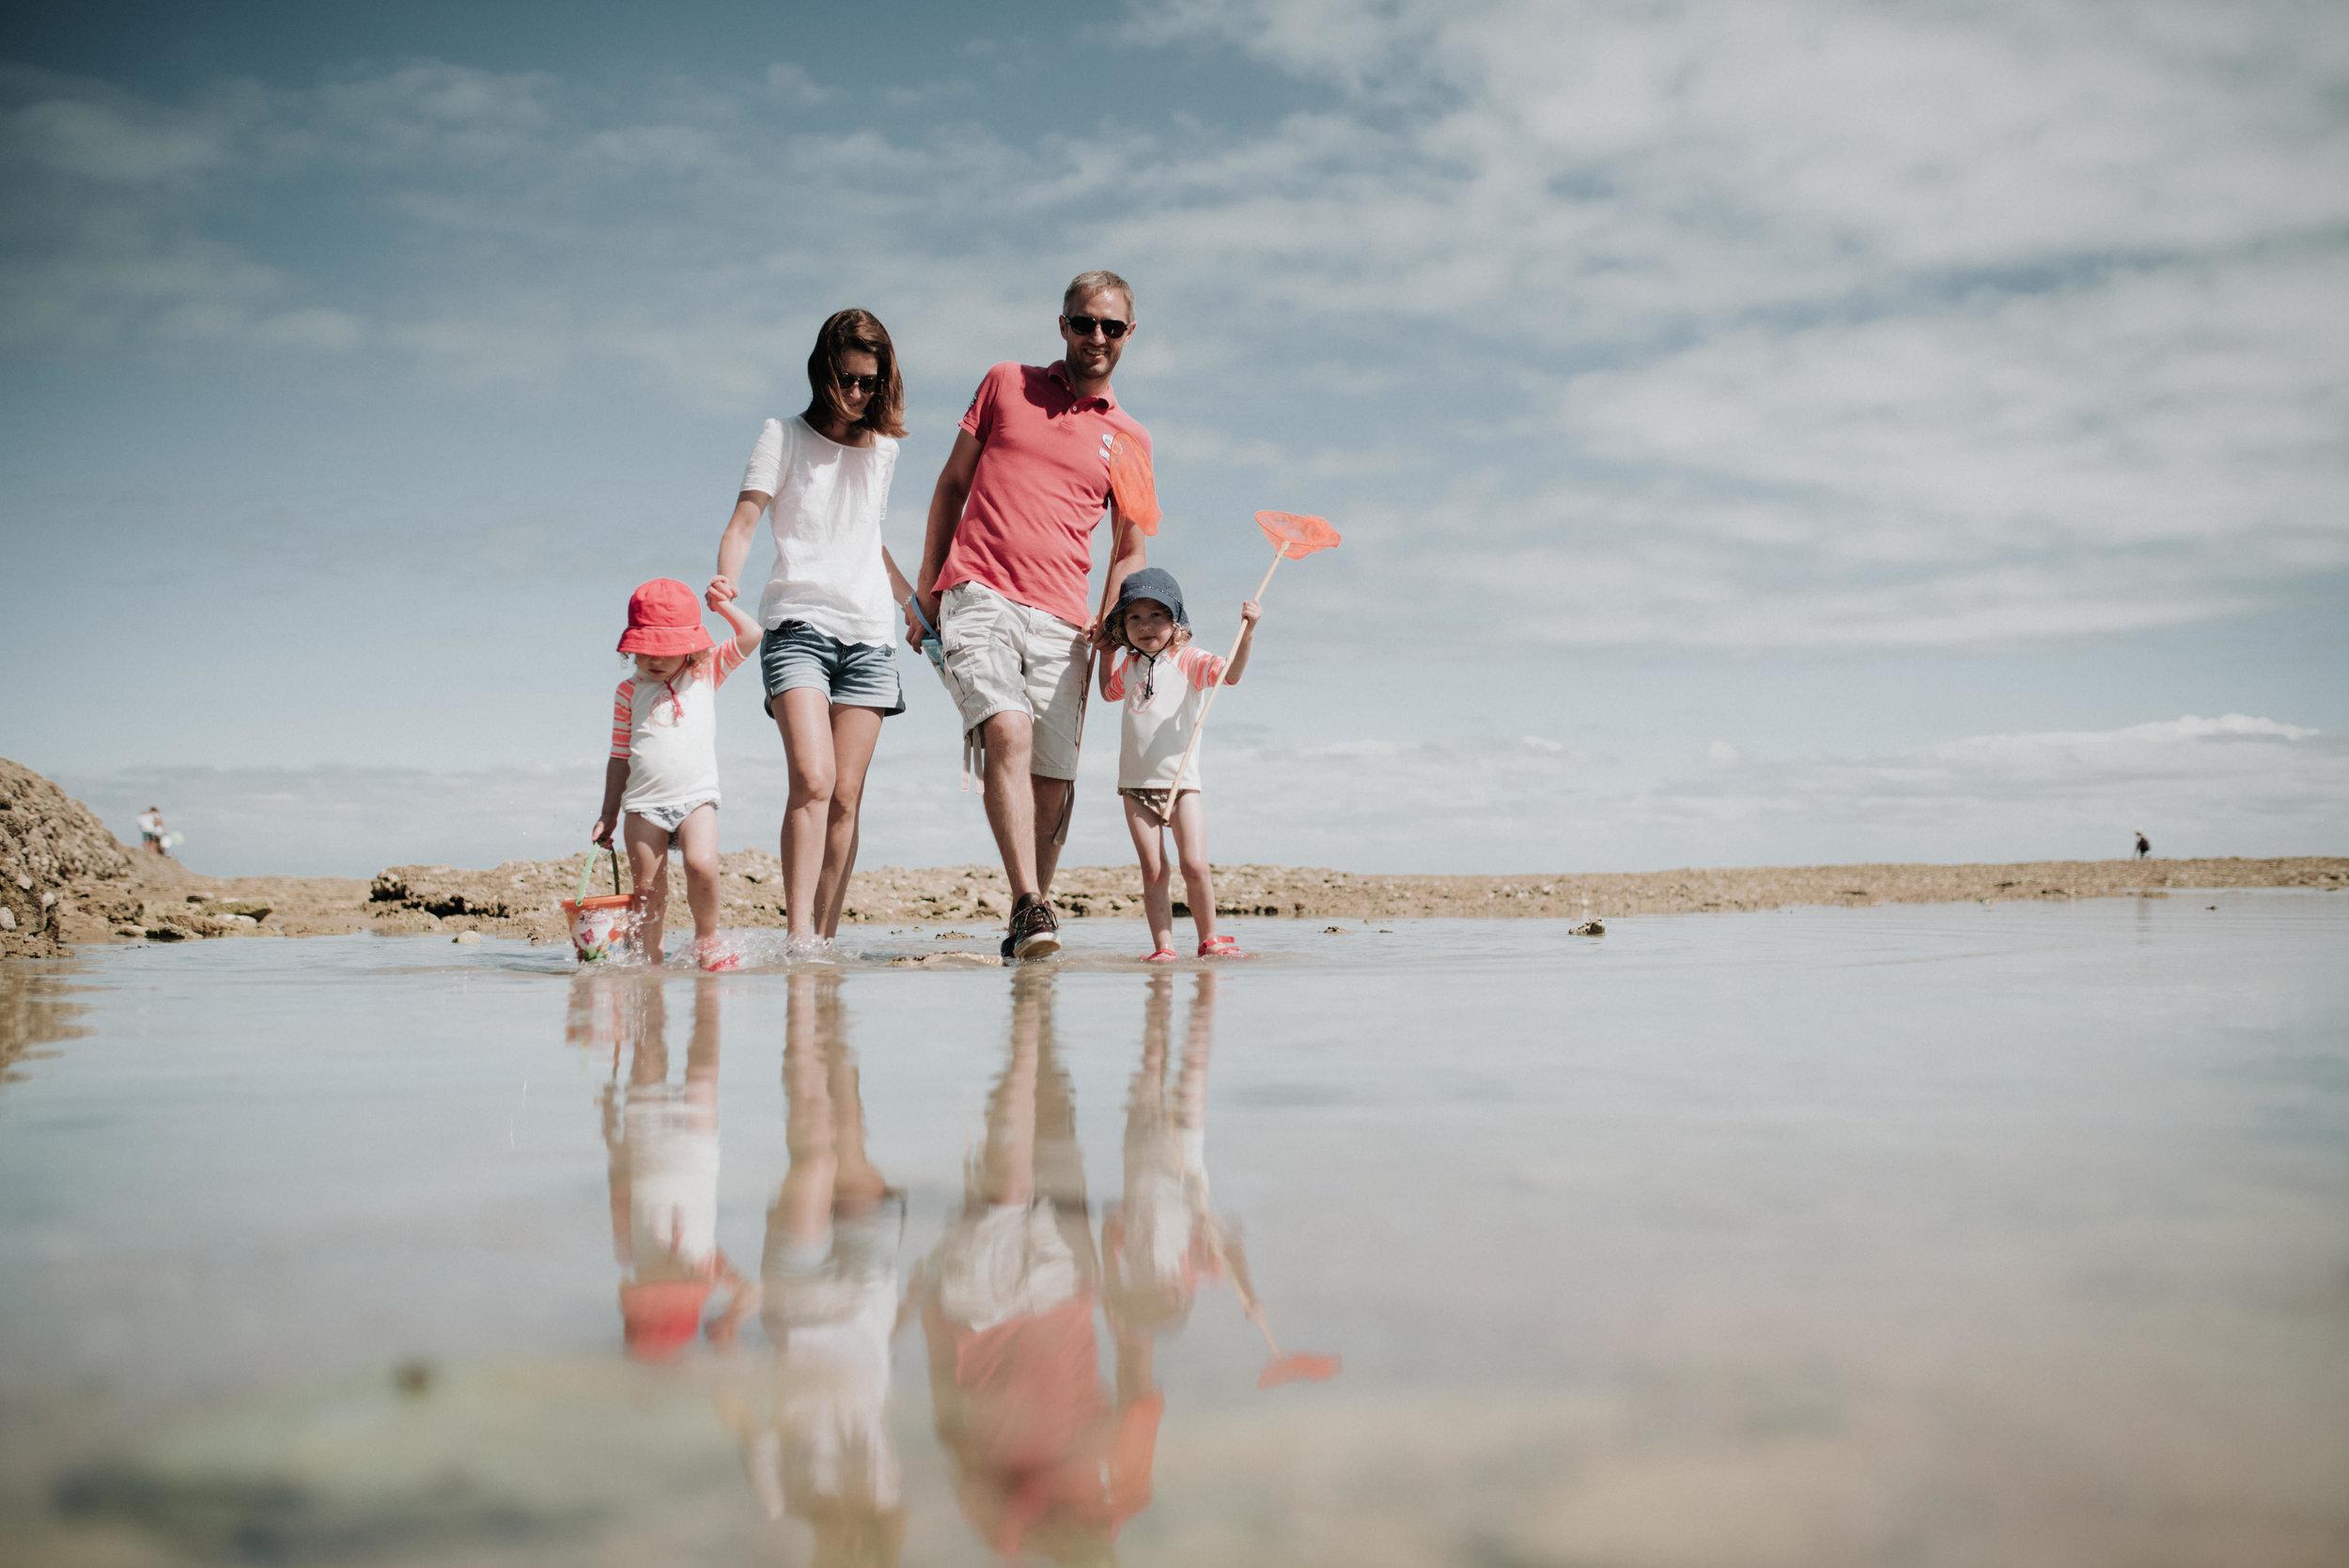 Léa-Fery-photographe-professionnel-lyon-rhone-alpes-portrait-creation-mariage-evenement-evenementiel-famille-2802.jpg